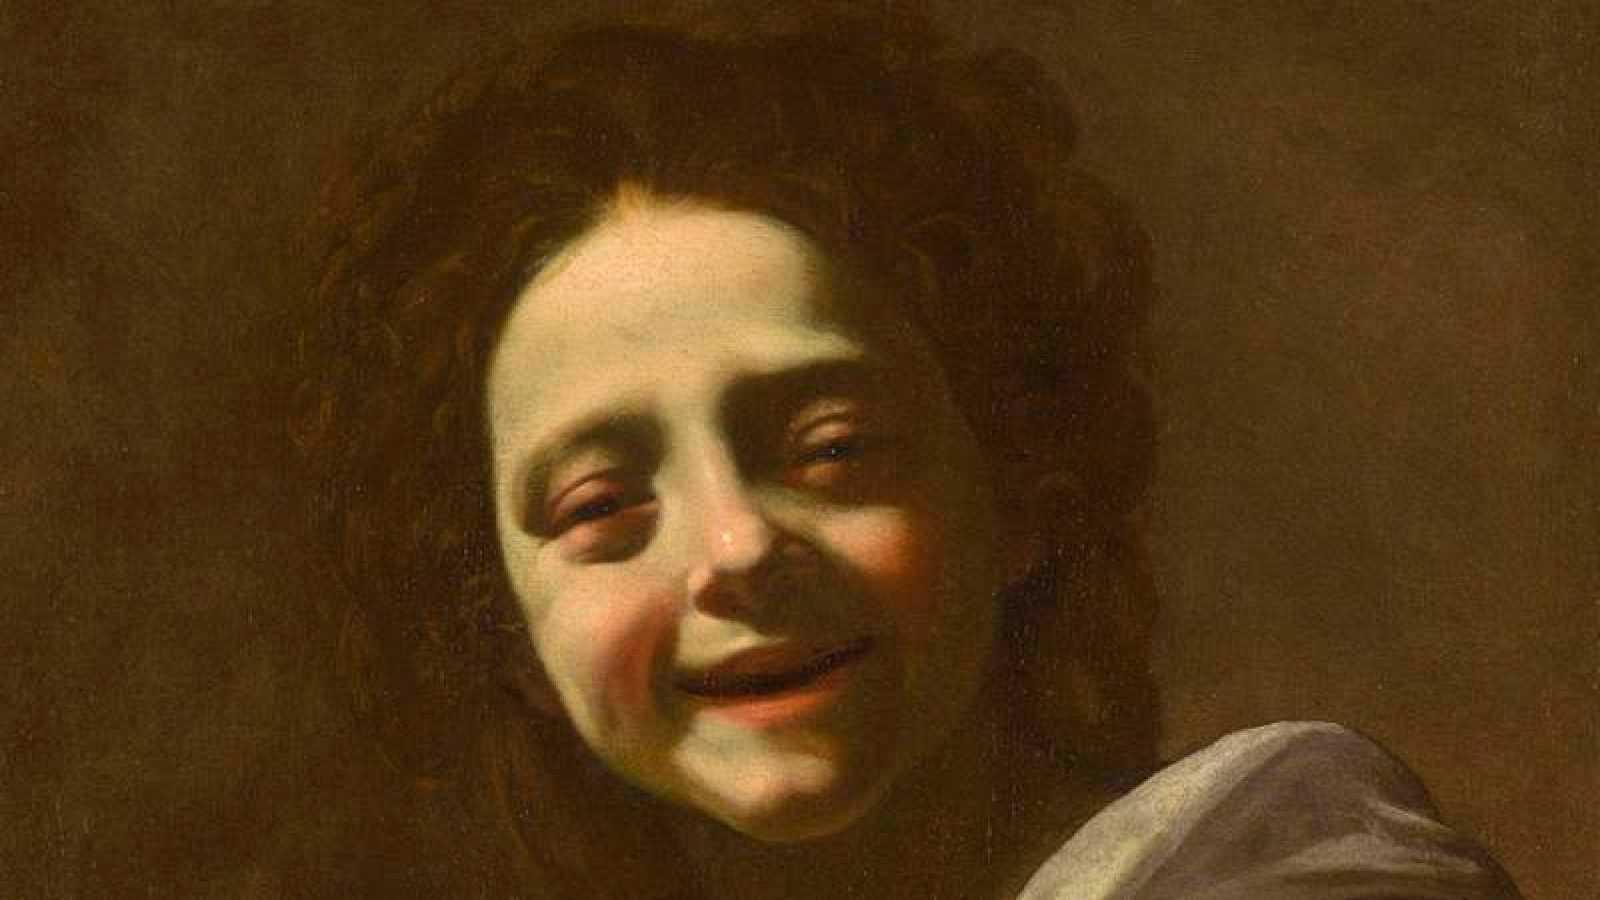 Retrato de niña con paloma del pintor francés Simon Vouet (1590-1649) es una obra rodeada de ciertas incógnitas, para empezar, se desconoce la identidad de la pequeña que interpela directa al espectador con una simpática sonrisa.El ¿desenfado¿ de la